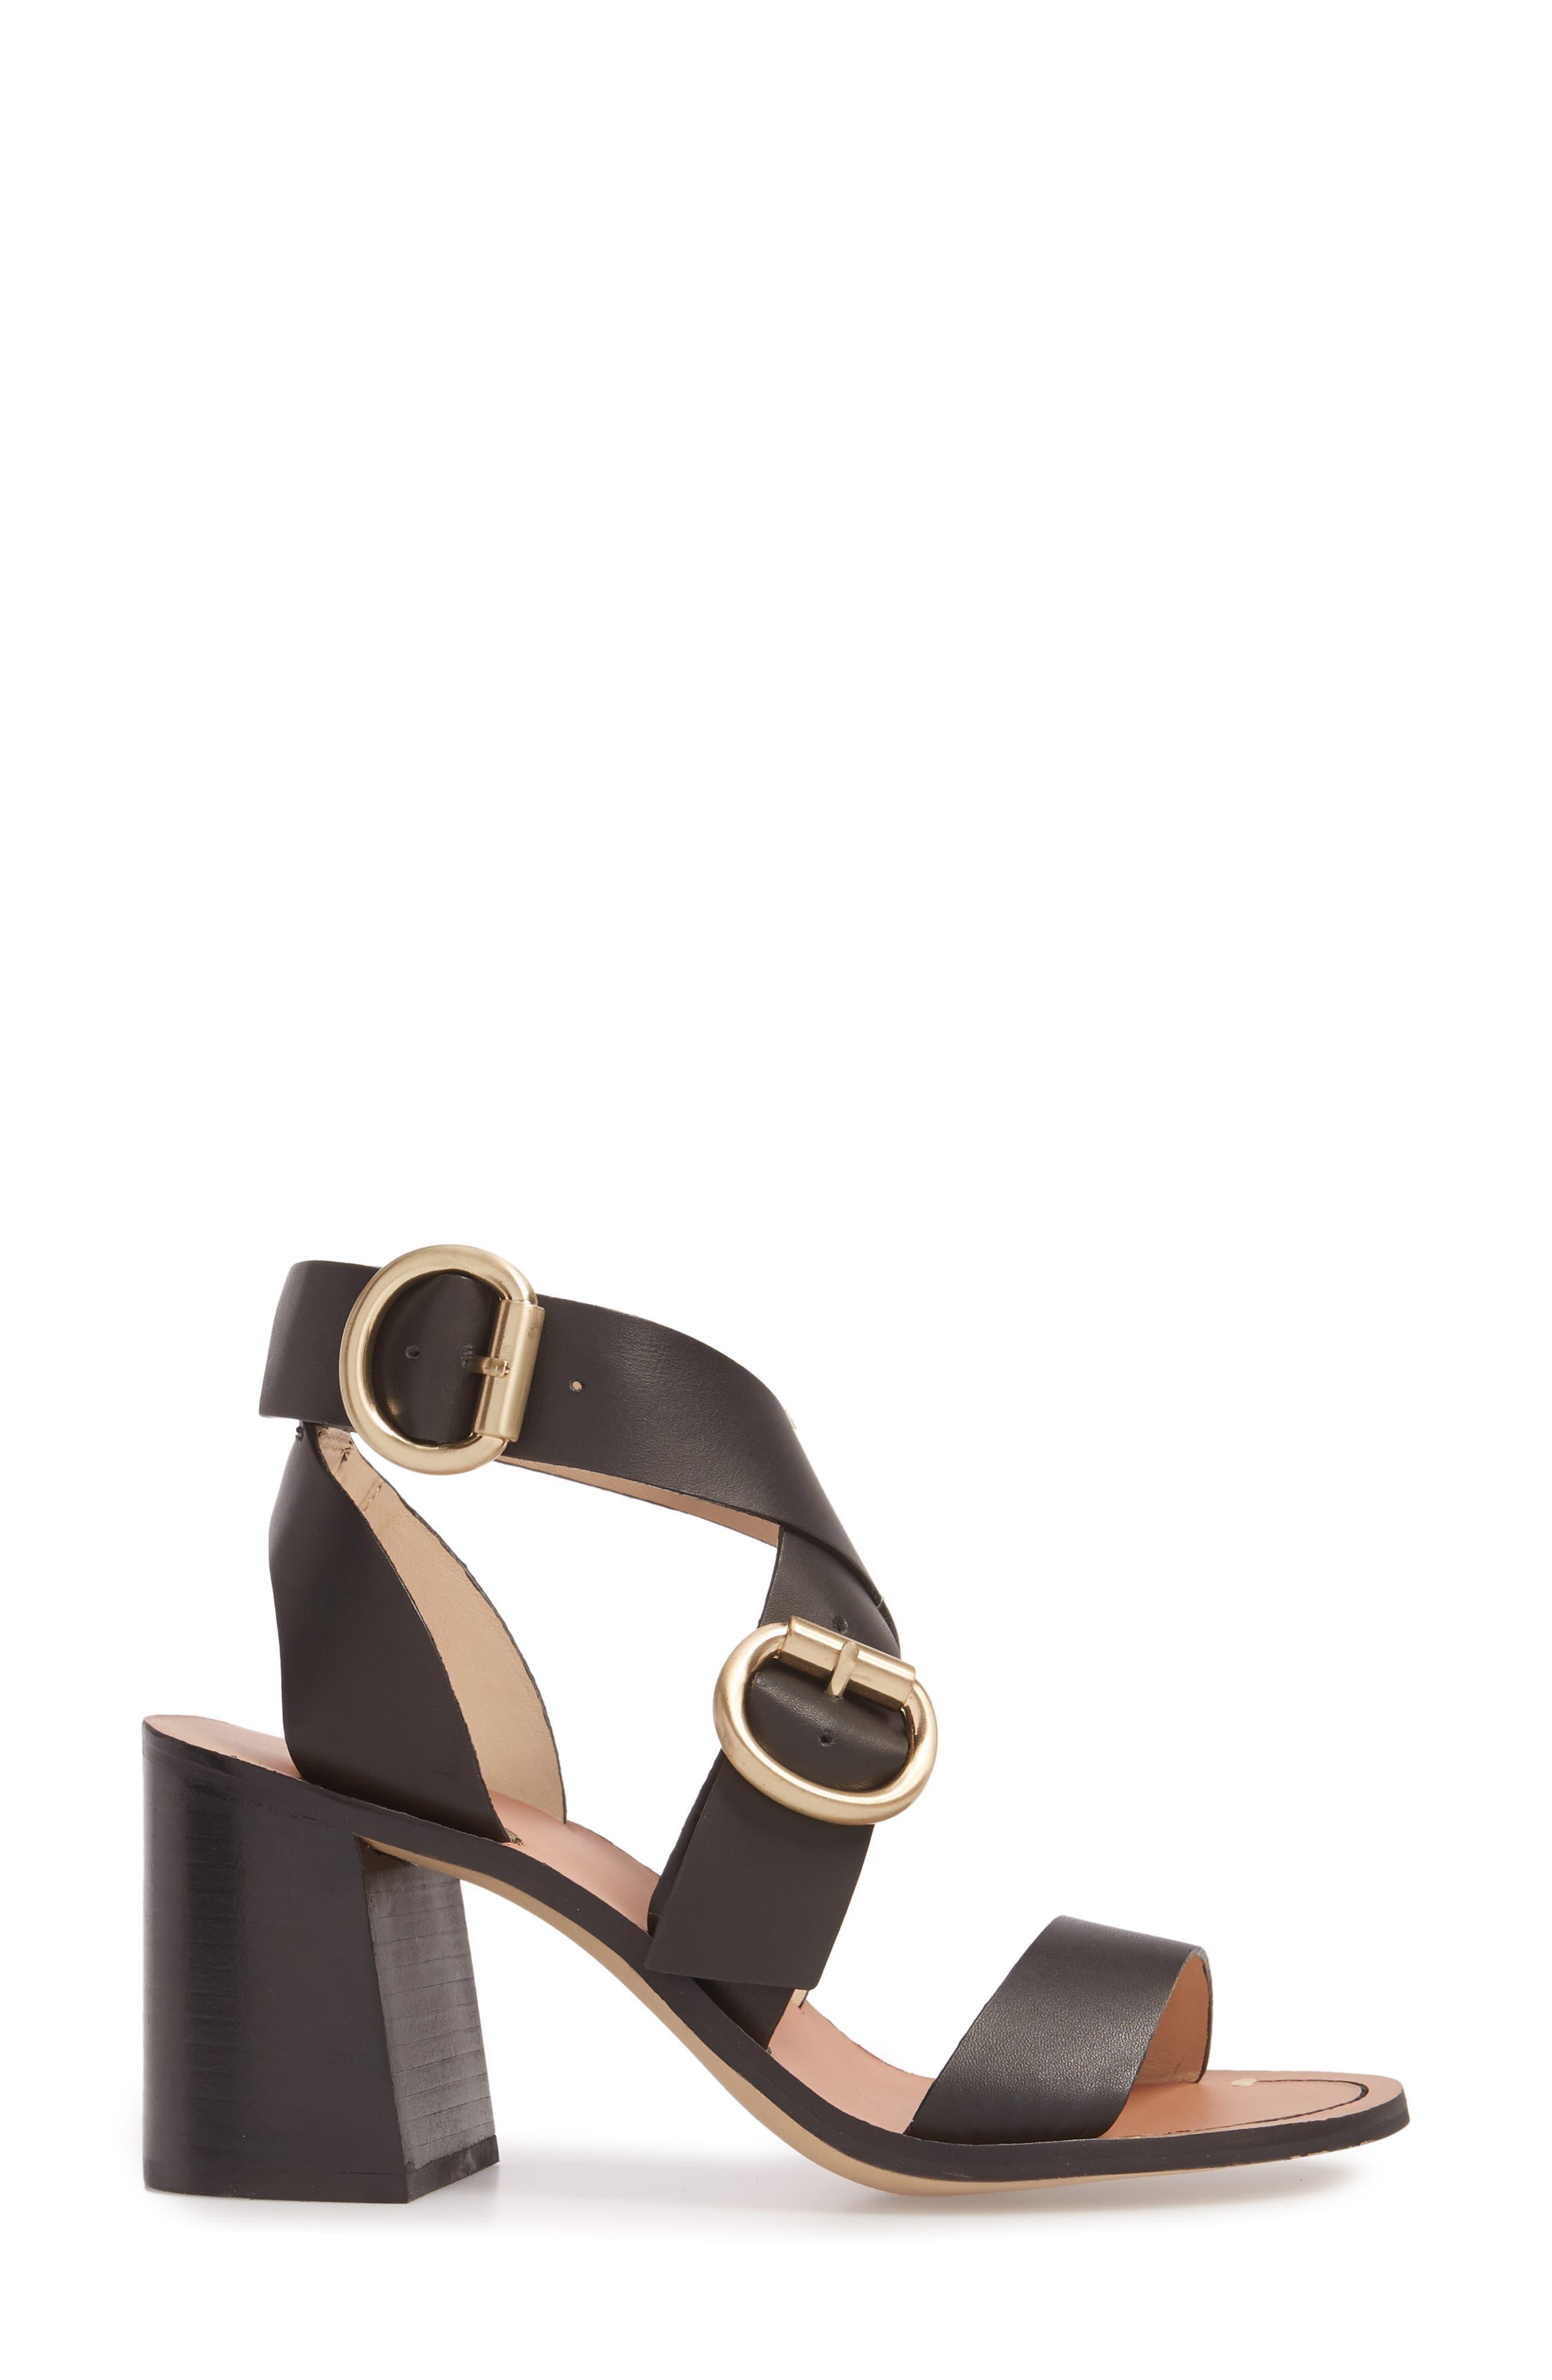 Natalie Buckled Cross Strap Sandal,                             Alternate thumbnail 3, color,                             Black Multi